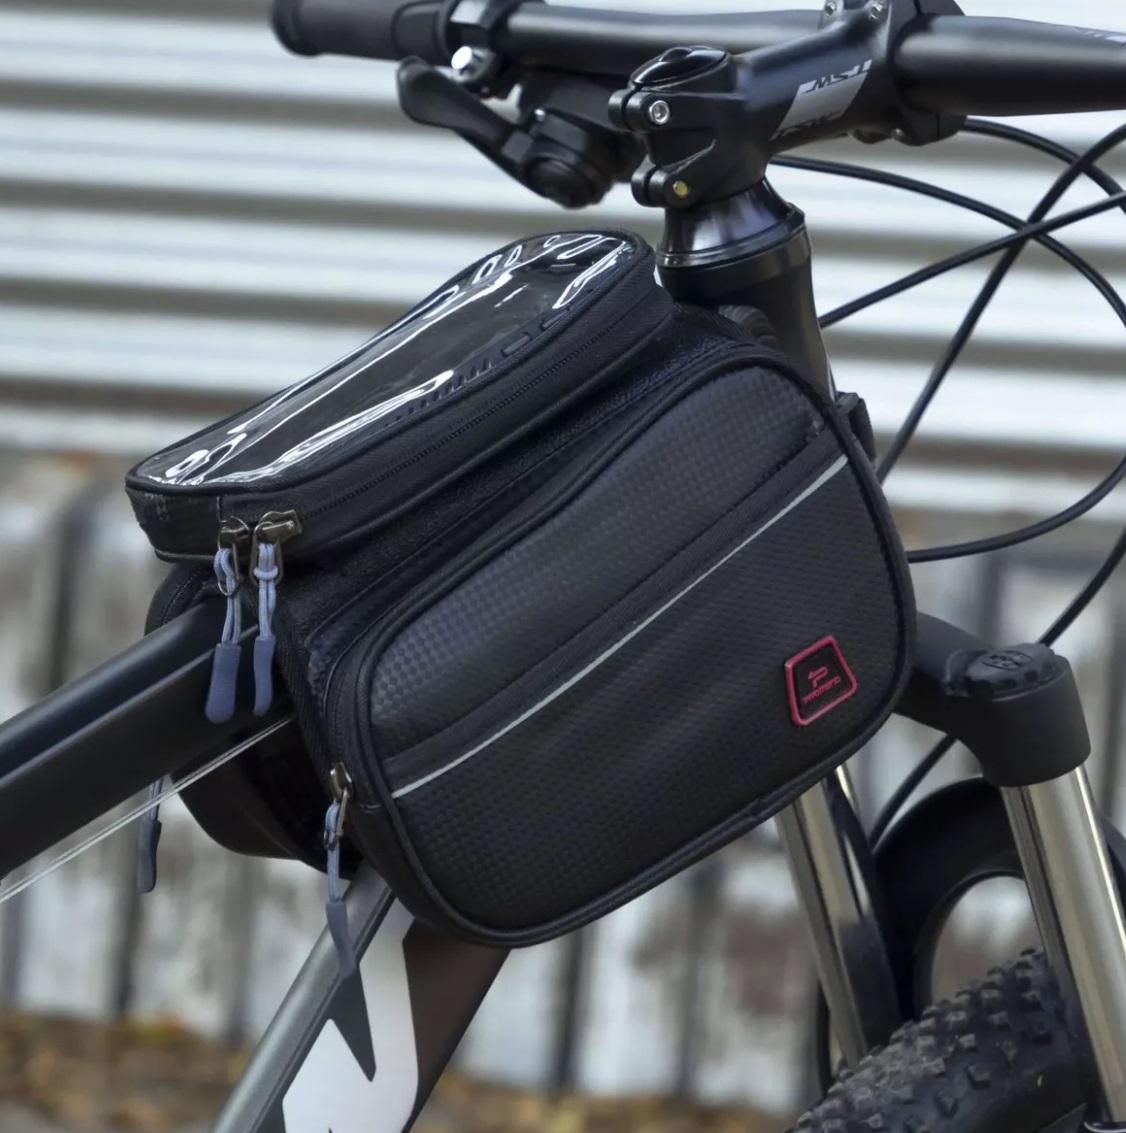 Bolsa Celular Alforge Para Quadro Bicicleta Promend Carbono